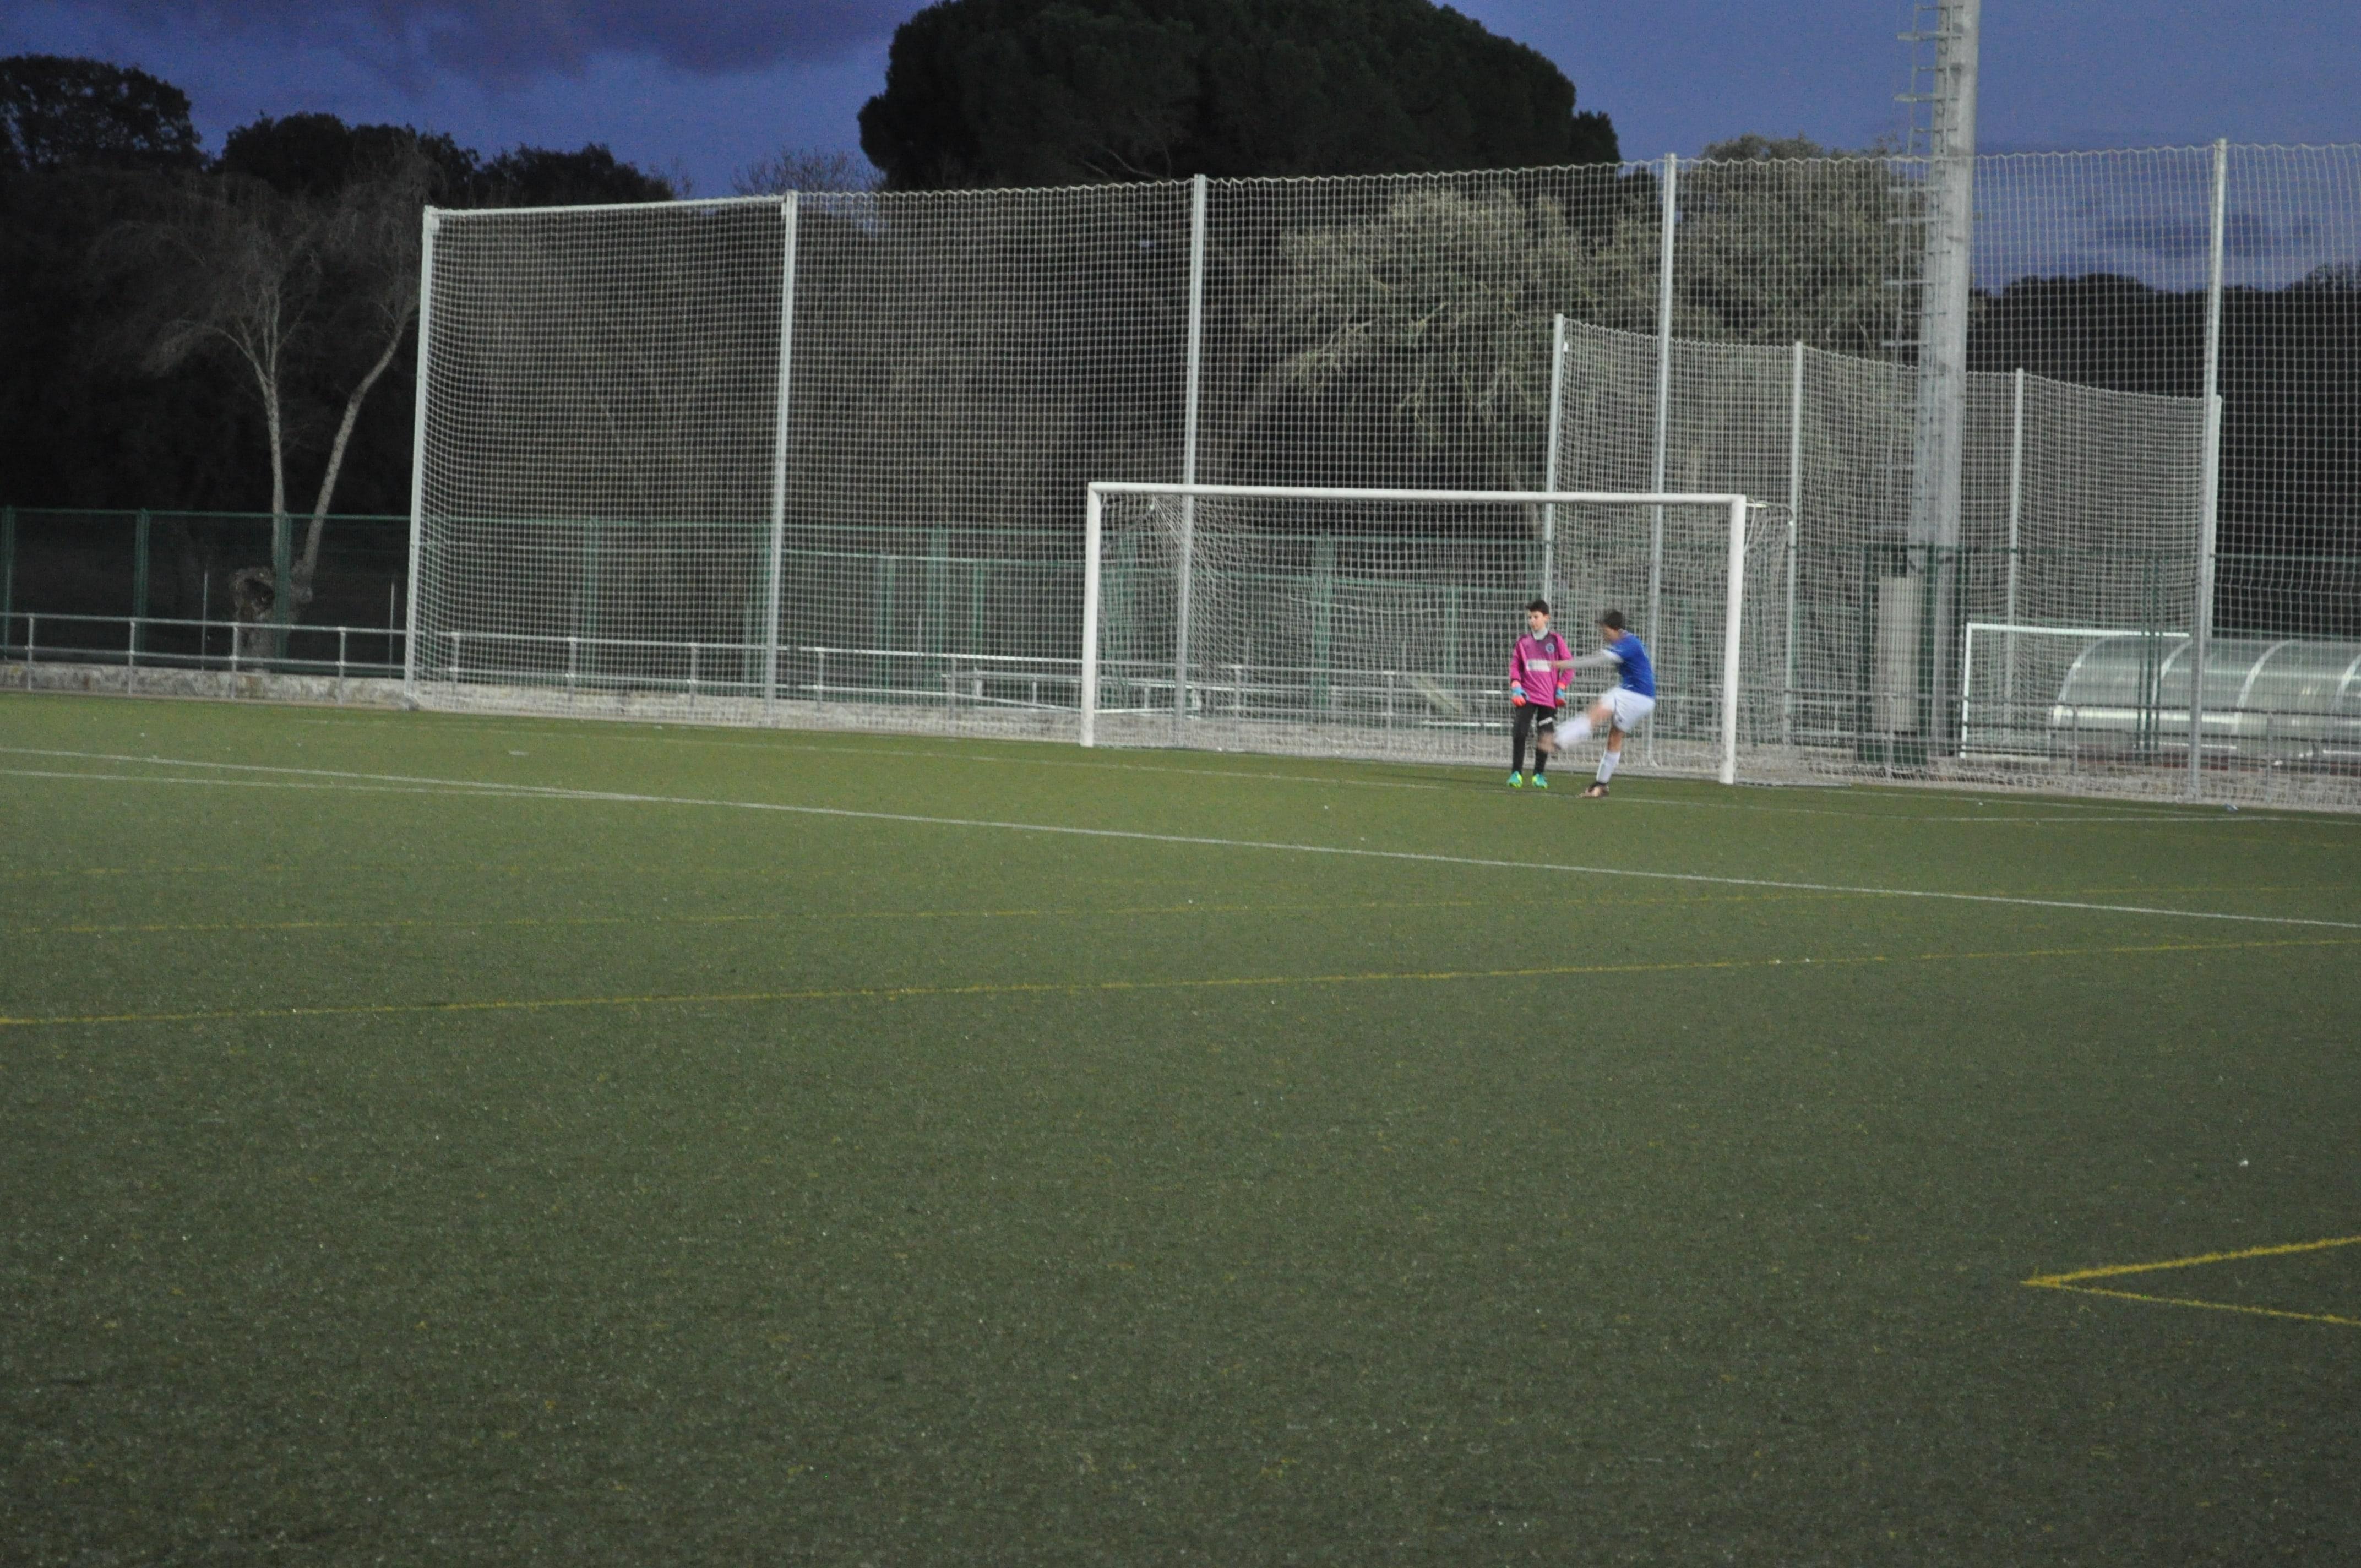 escuela futbol boadilla del monte (2)